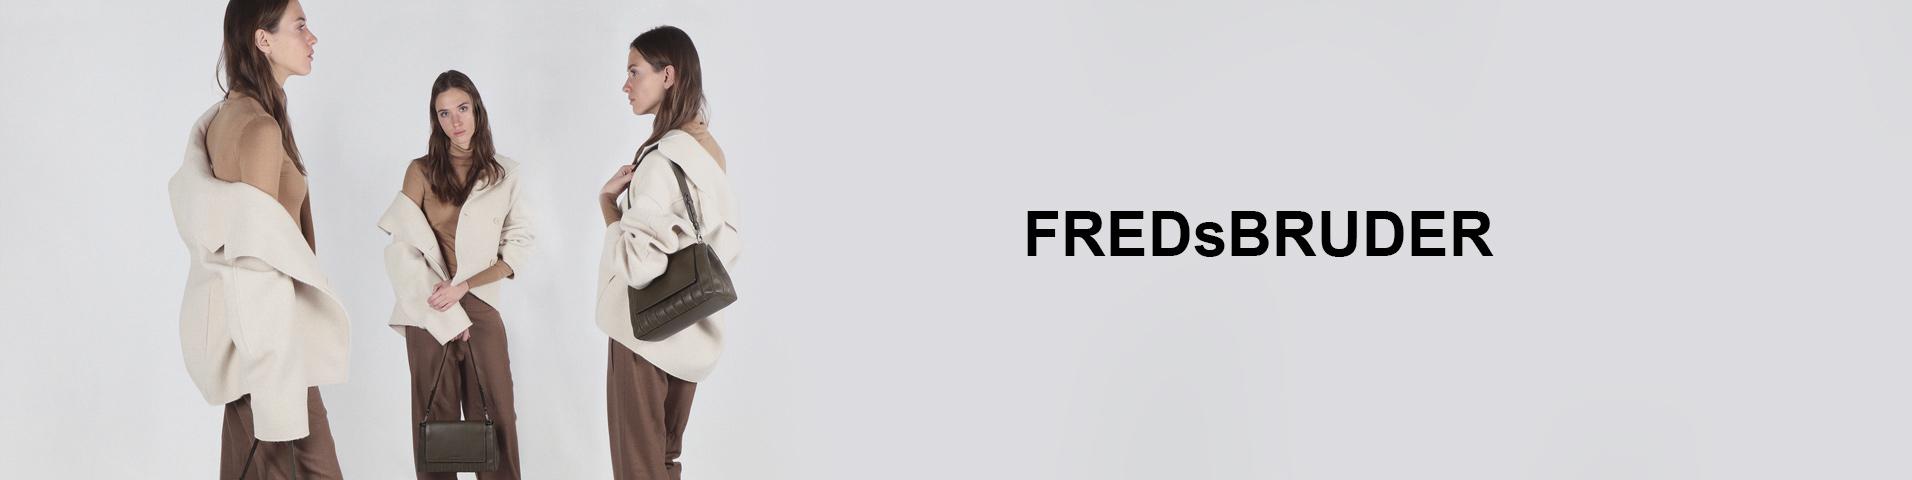 hohe Qualitätsgarantie besserer Preis Details für FREDsBRUDER Accessoires | ZALANDO